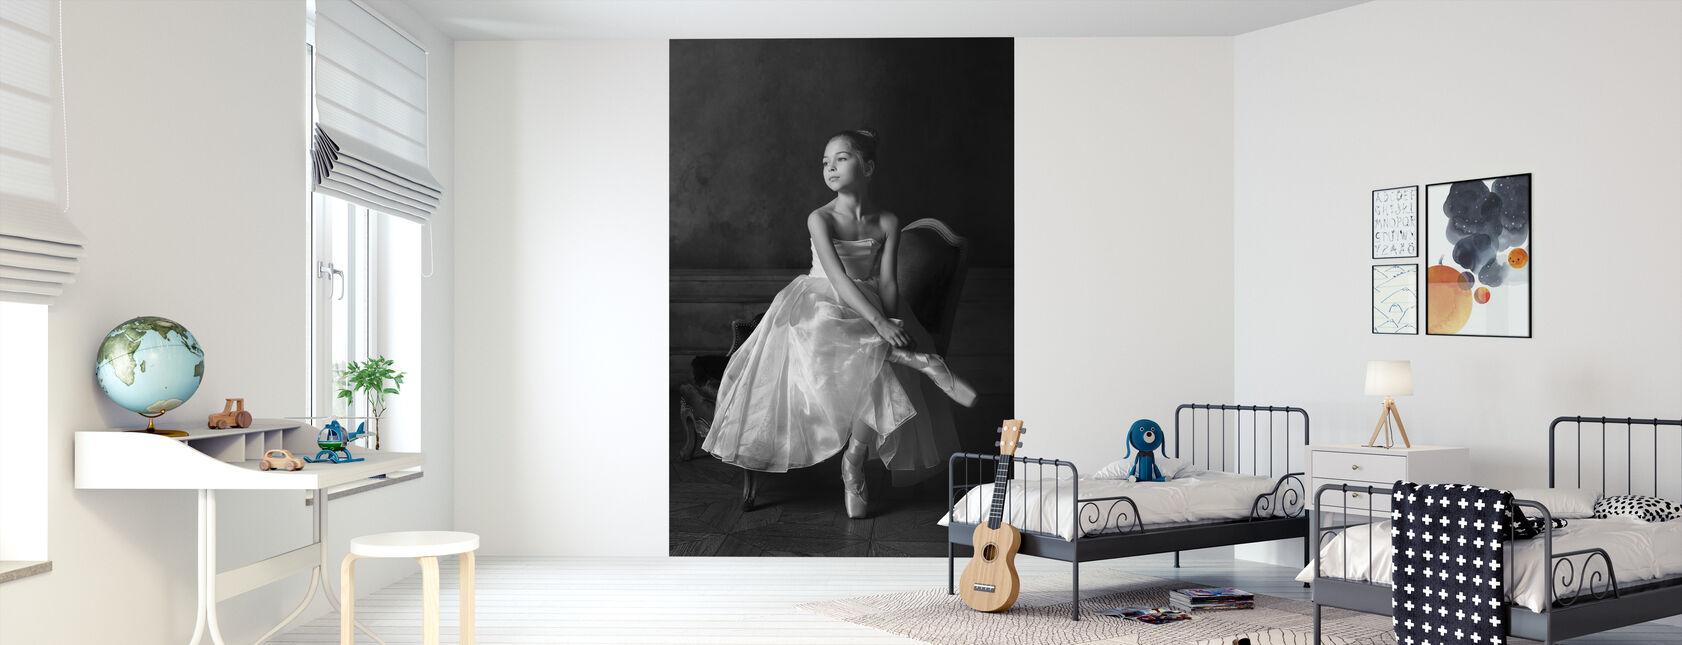 Little Ballet Star - Wallpaper - Kids Room